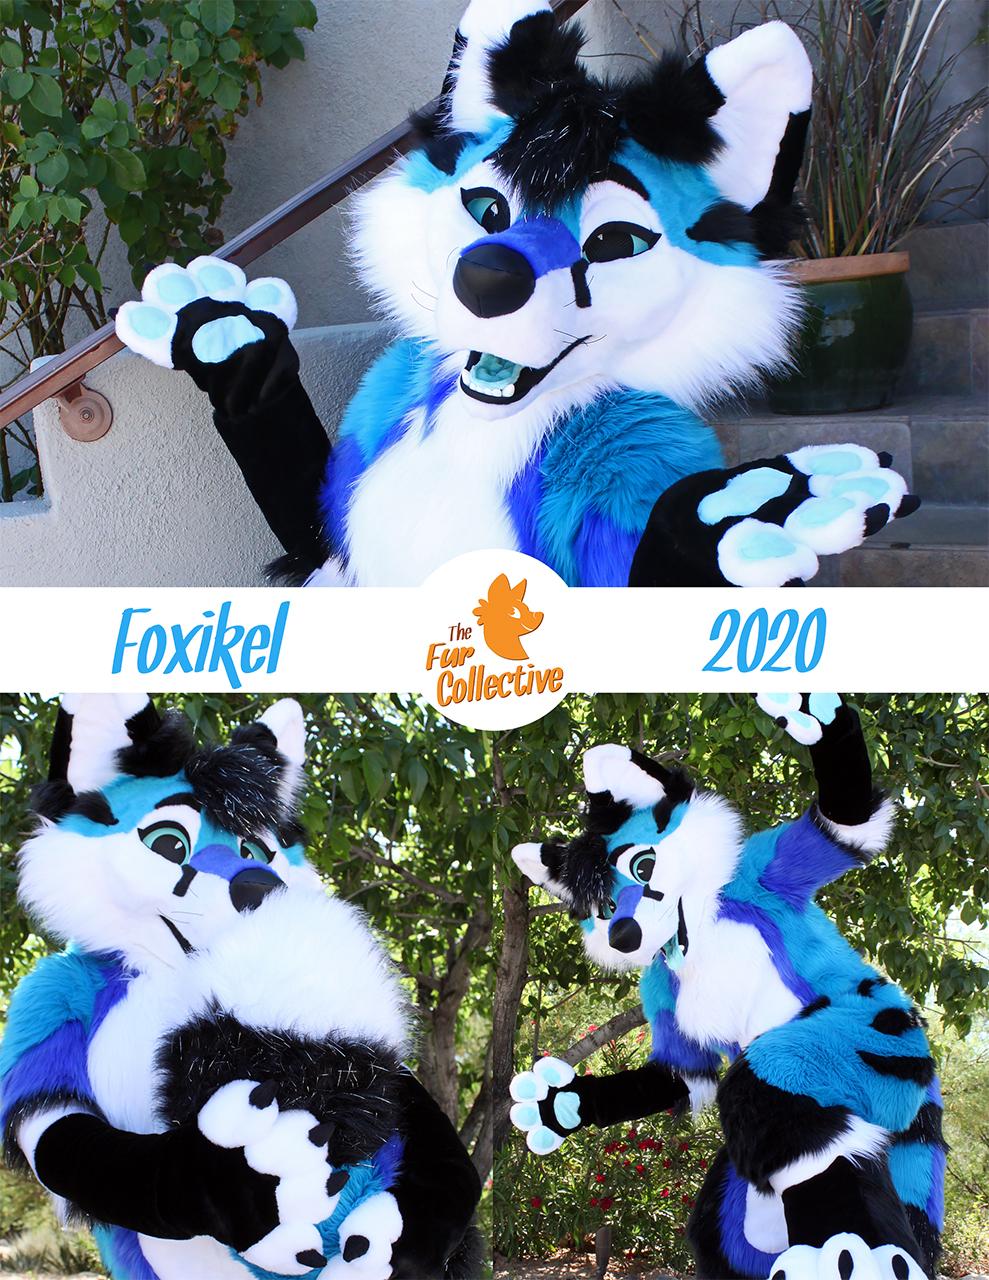 Foxikel the Fox Jackal!